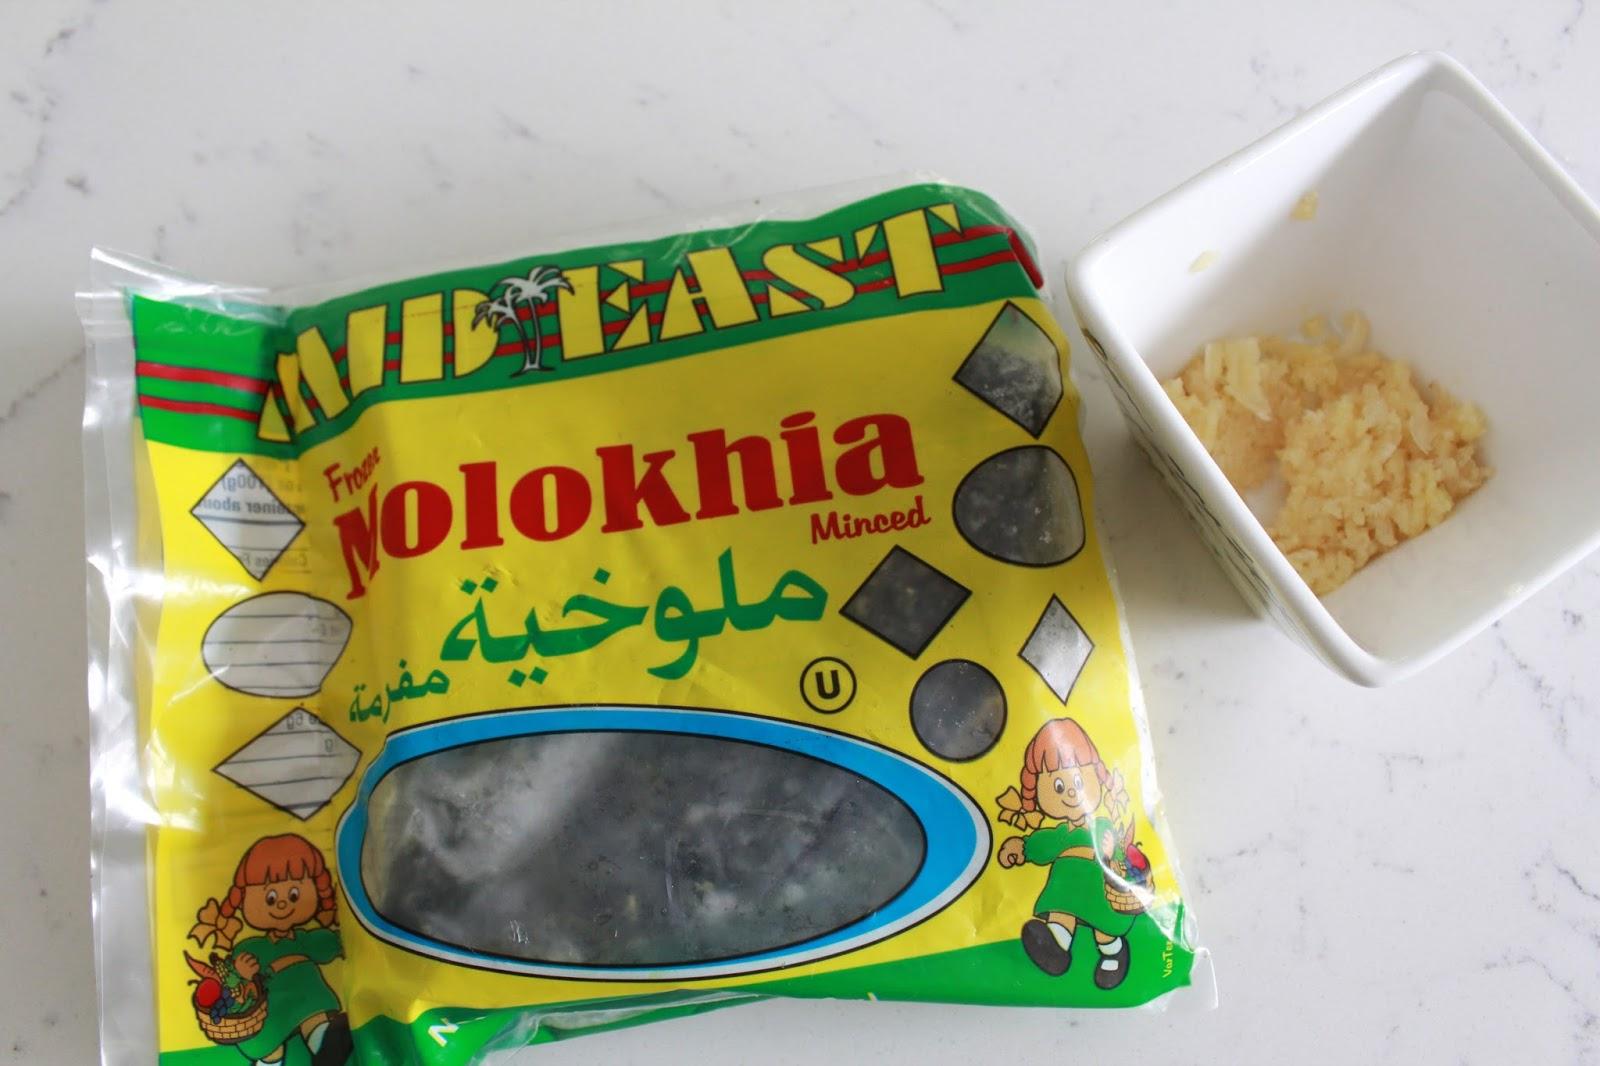 Egyptian Molokhia